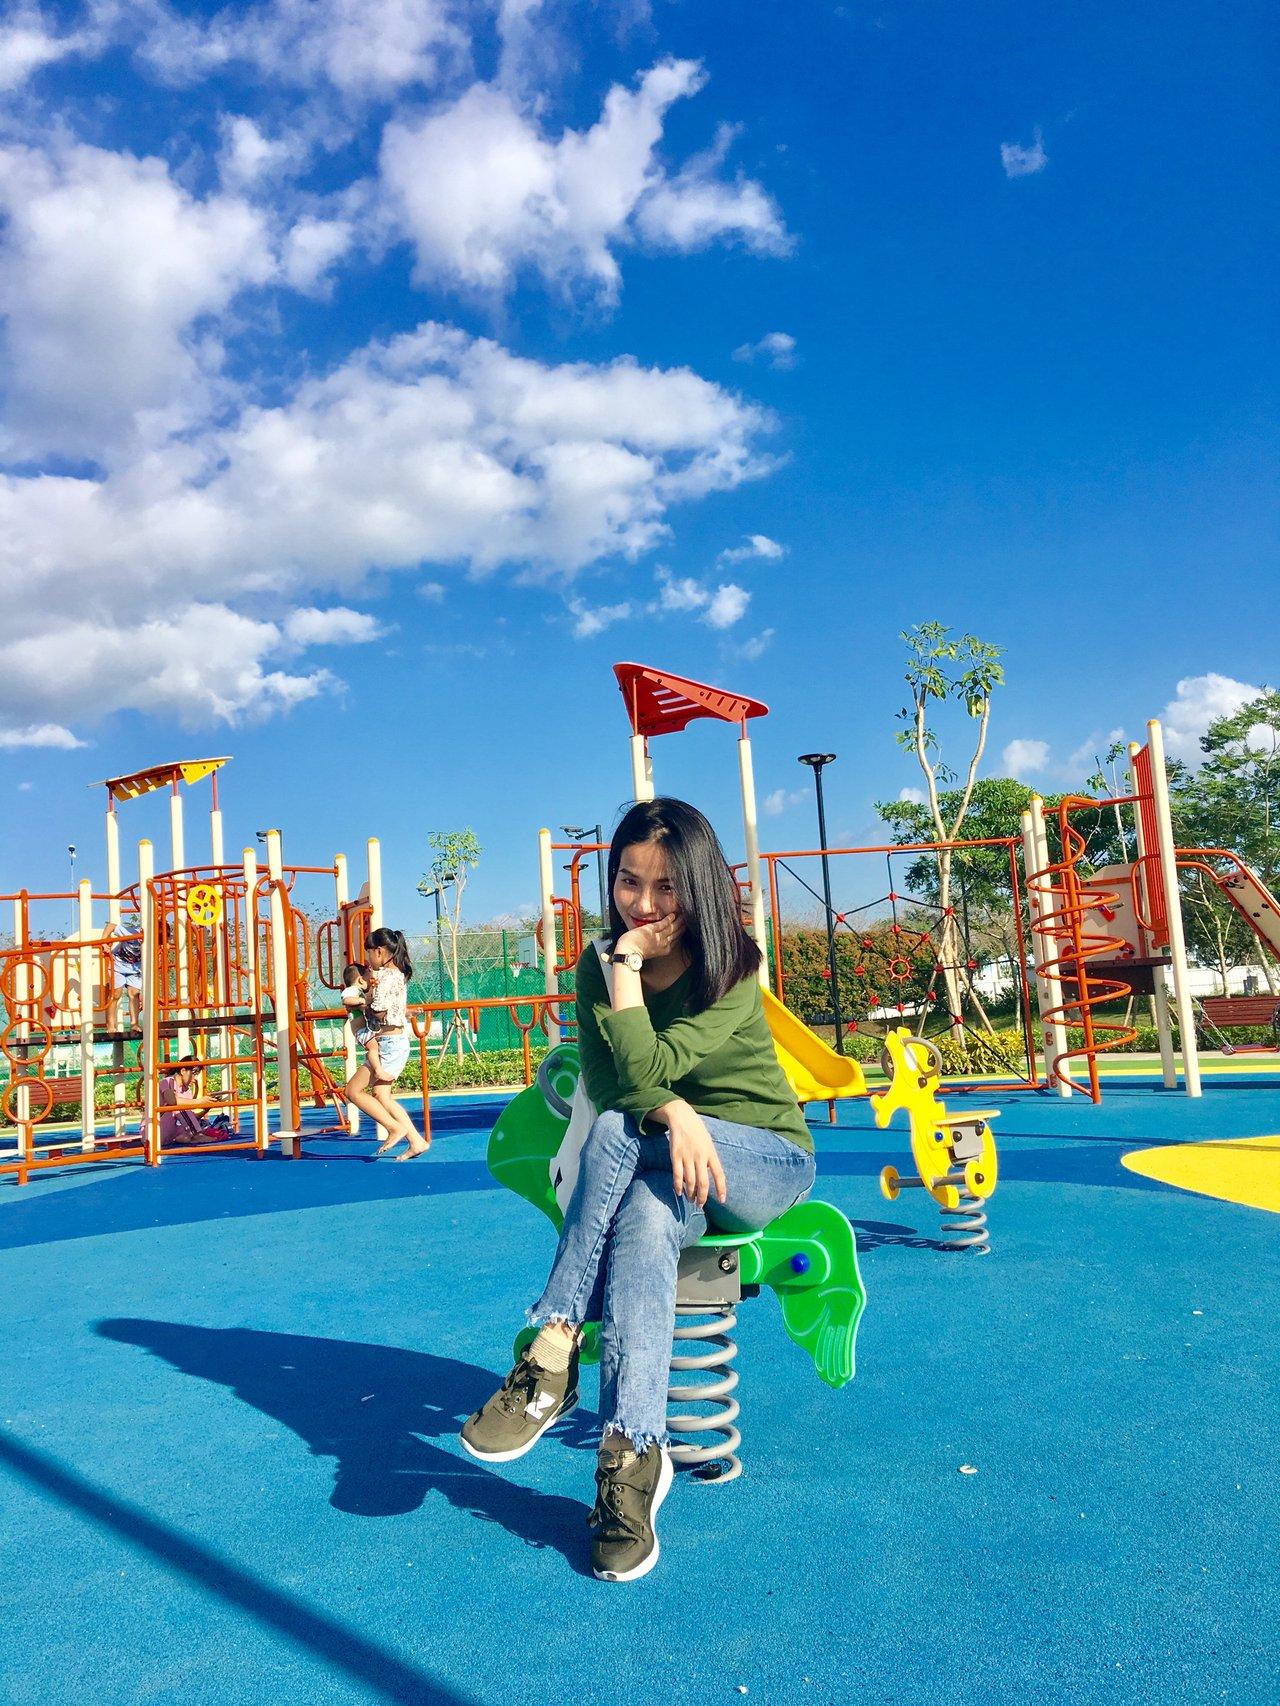 dw-playground-ide